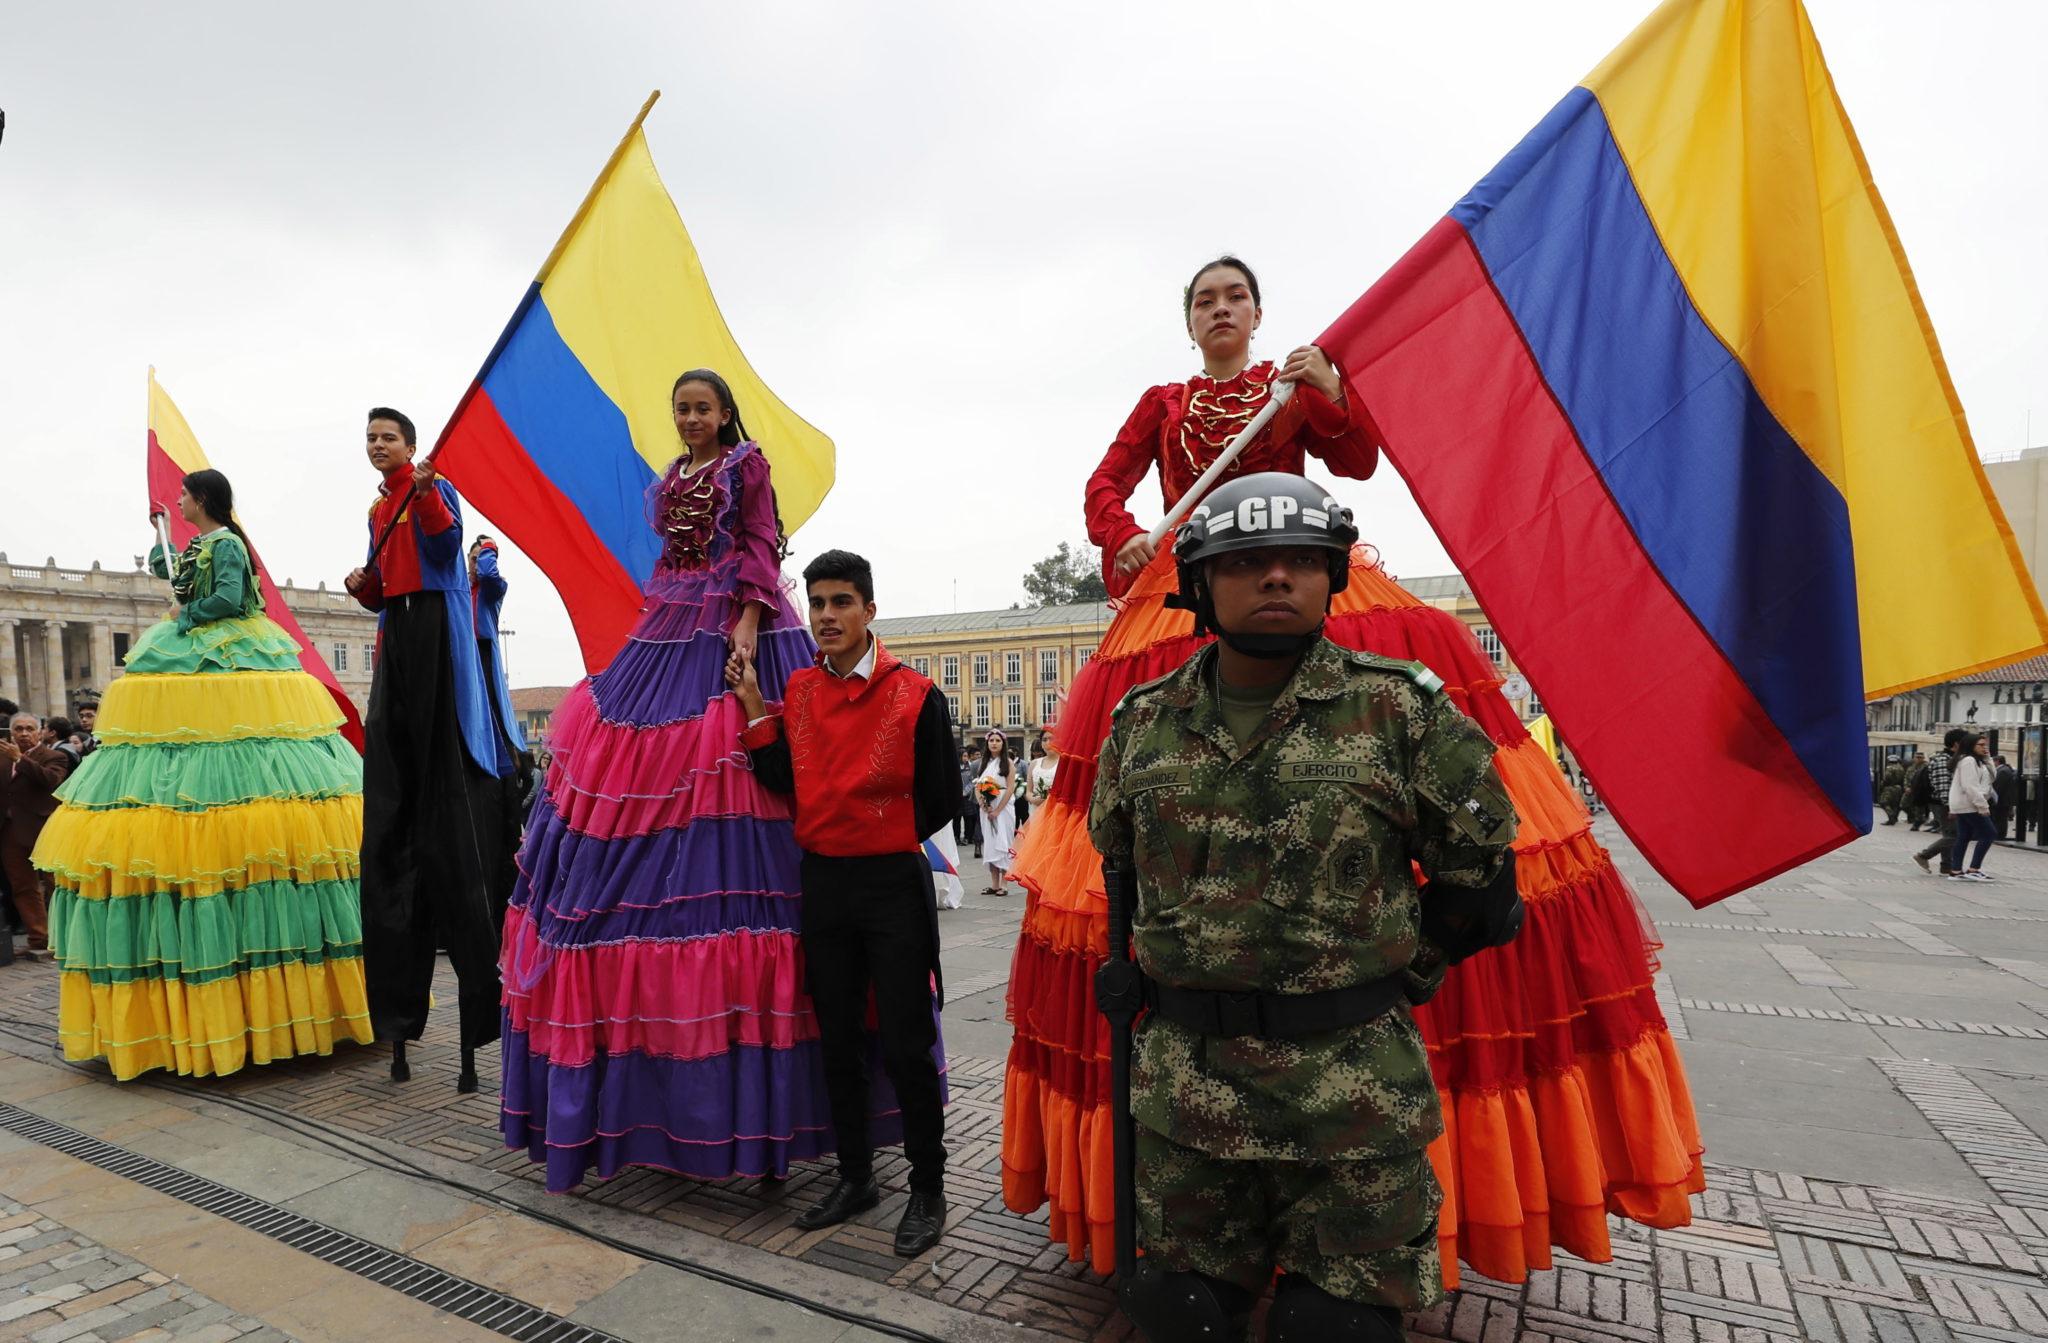 Kolumbia: mieszkańcy Bogoty świętują podczas Dnia Niepodległości. fot. EPA/Mauricio Duenas Castaneda